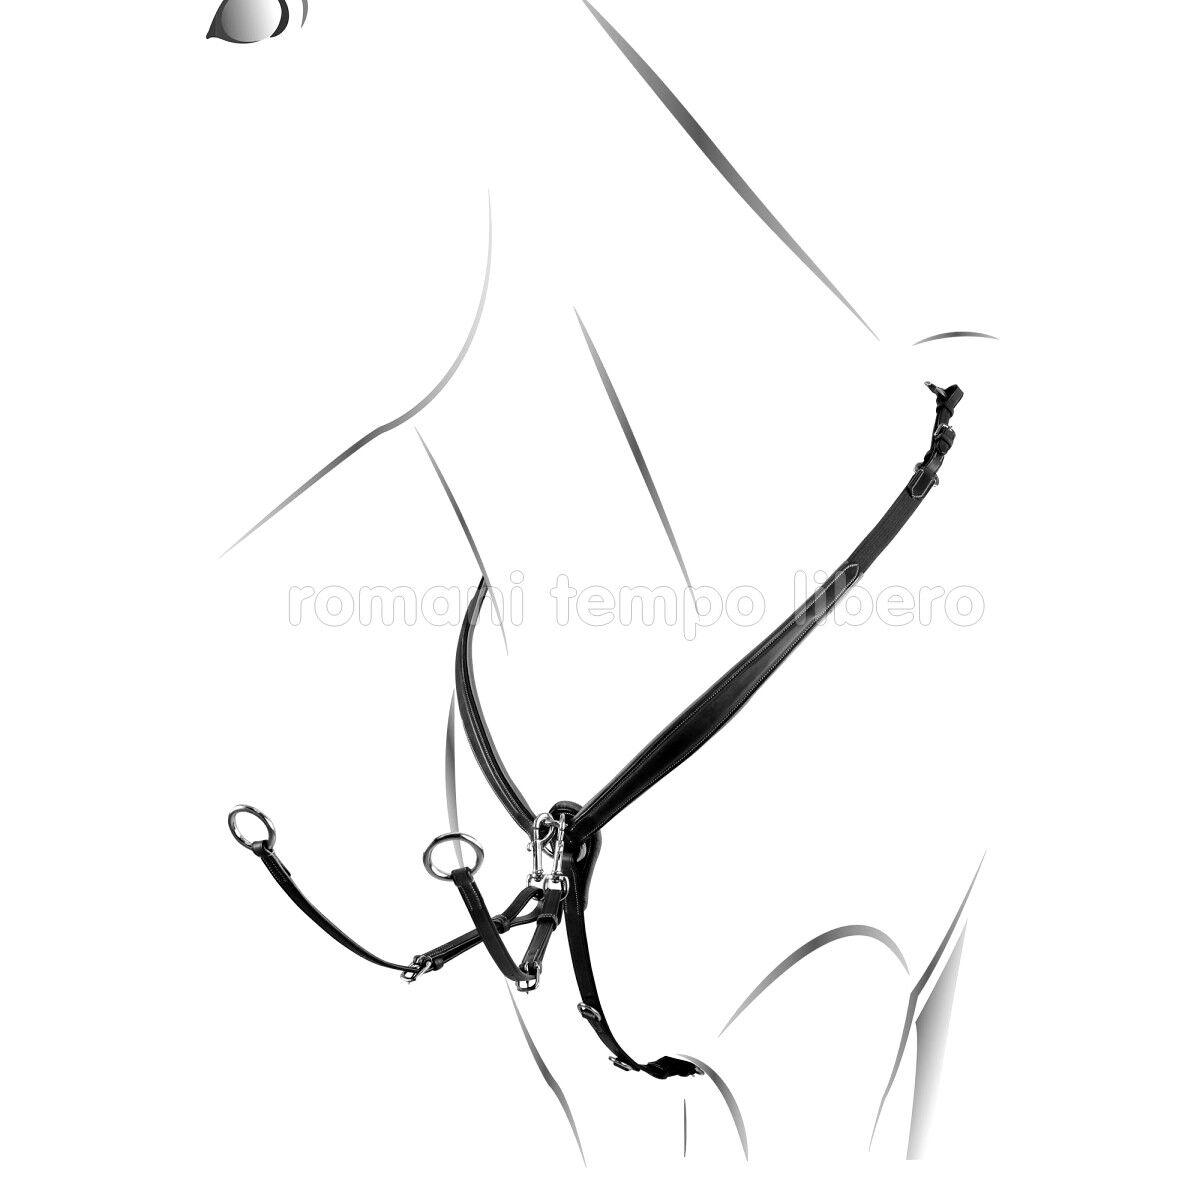 Pettorale Equestro Jumping Y geformte elastische Brustplatte mit Martinigal